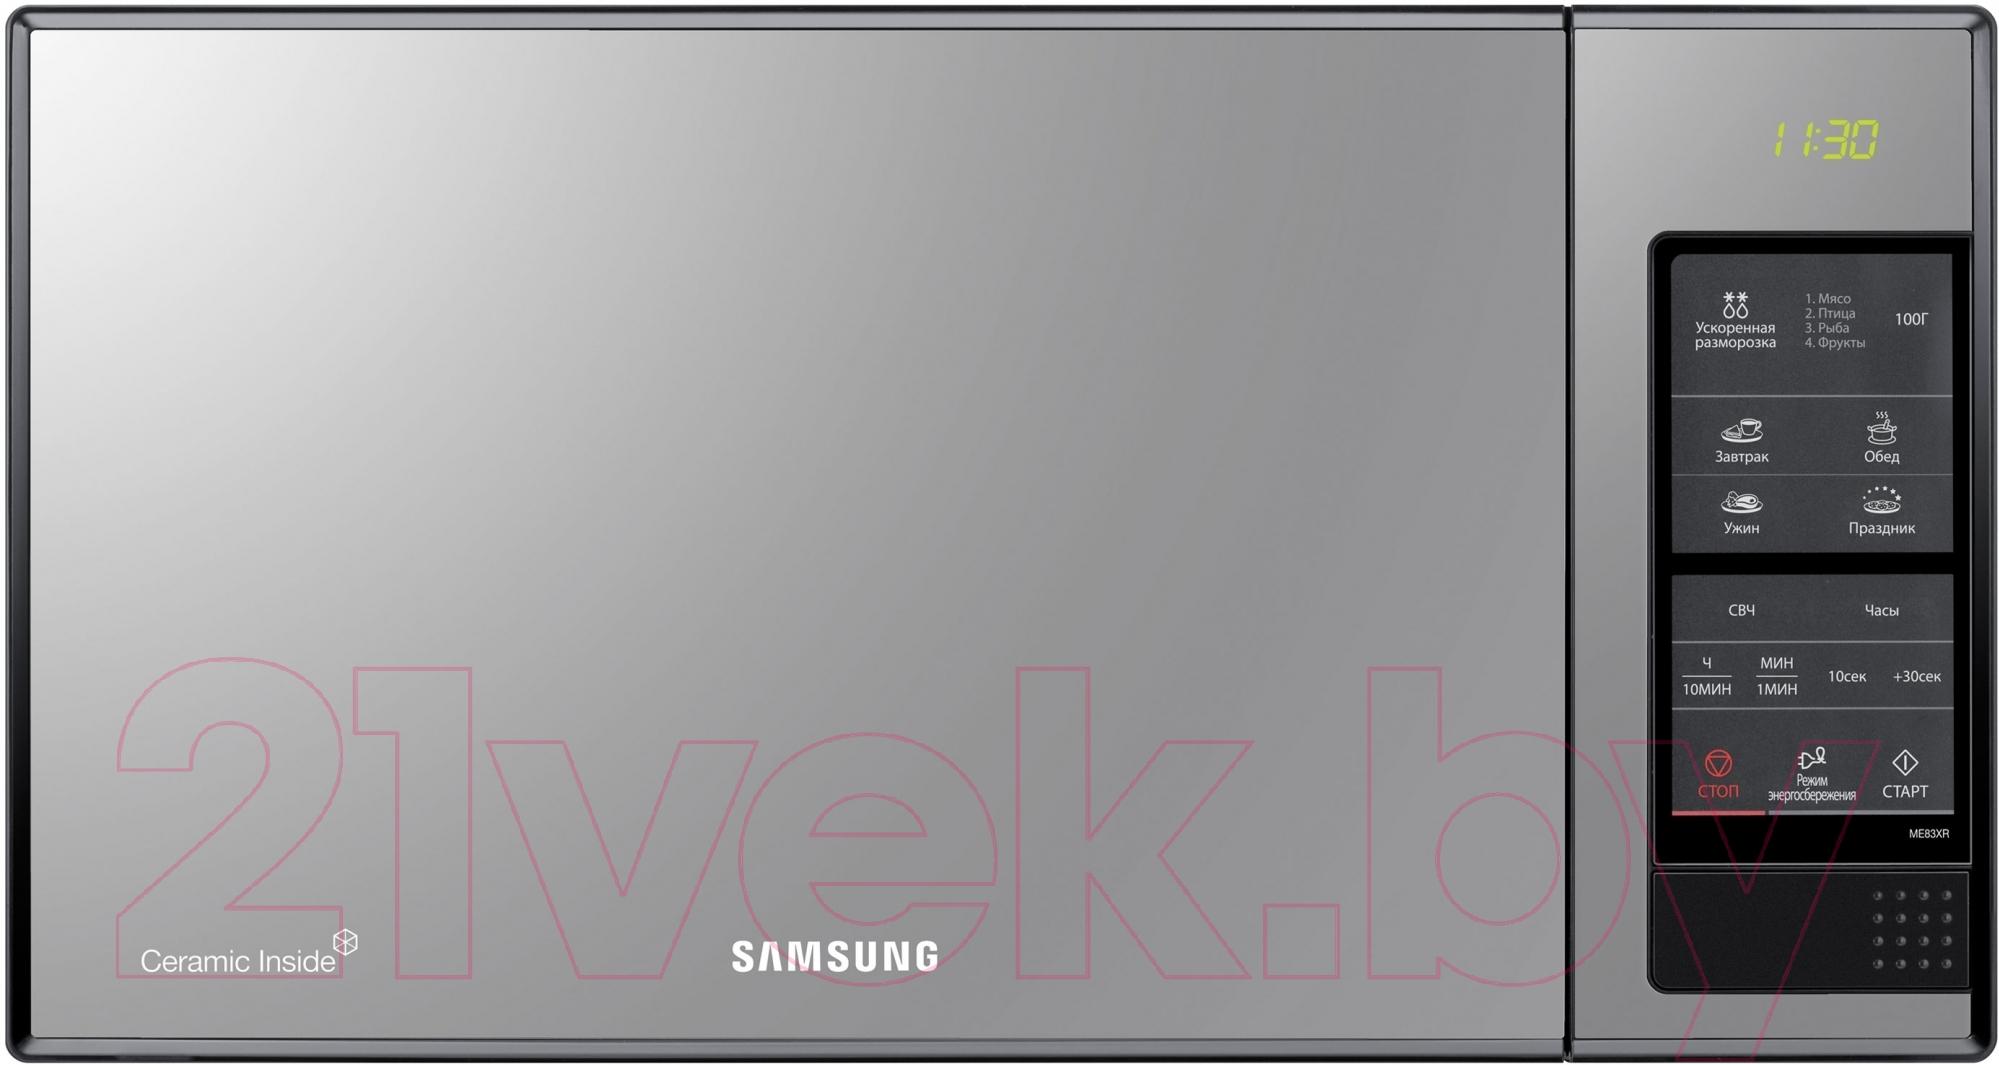 Купить Микроволновая печь Samsung, ME83XR, Малайзия